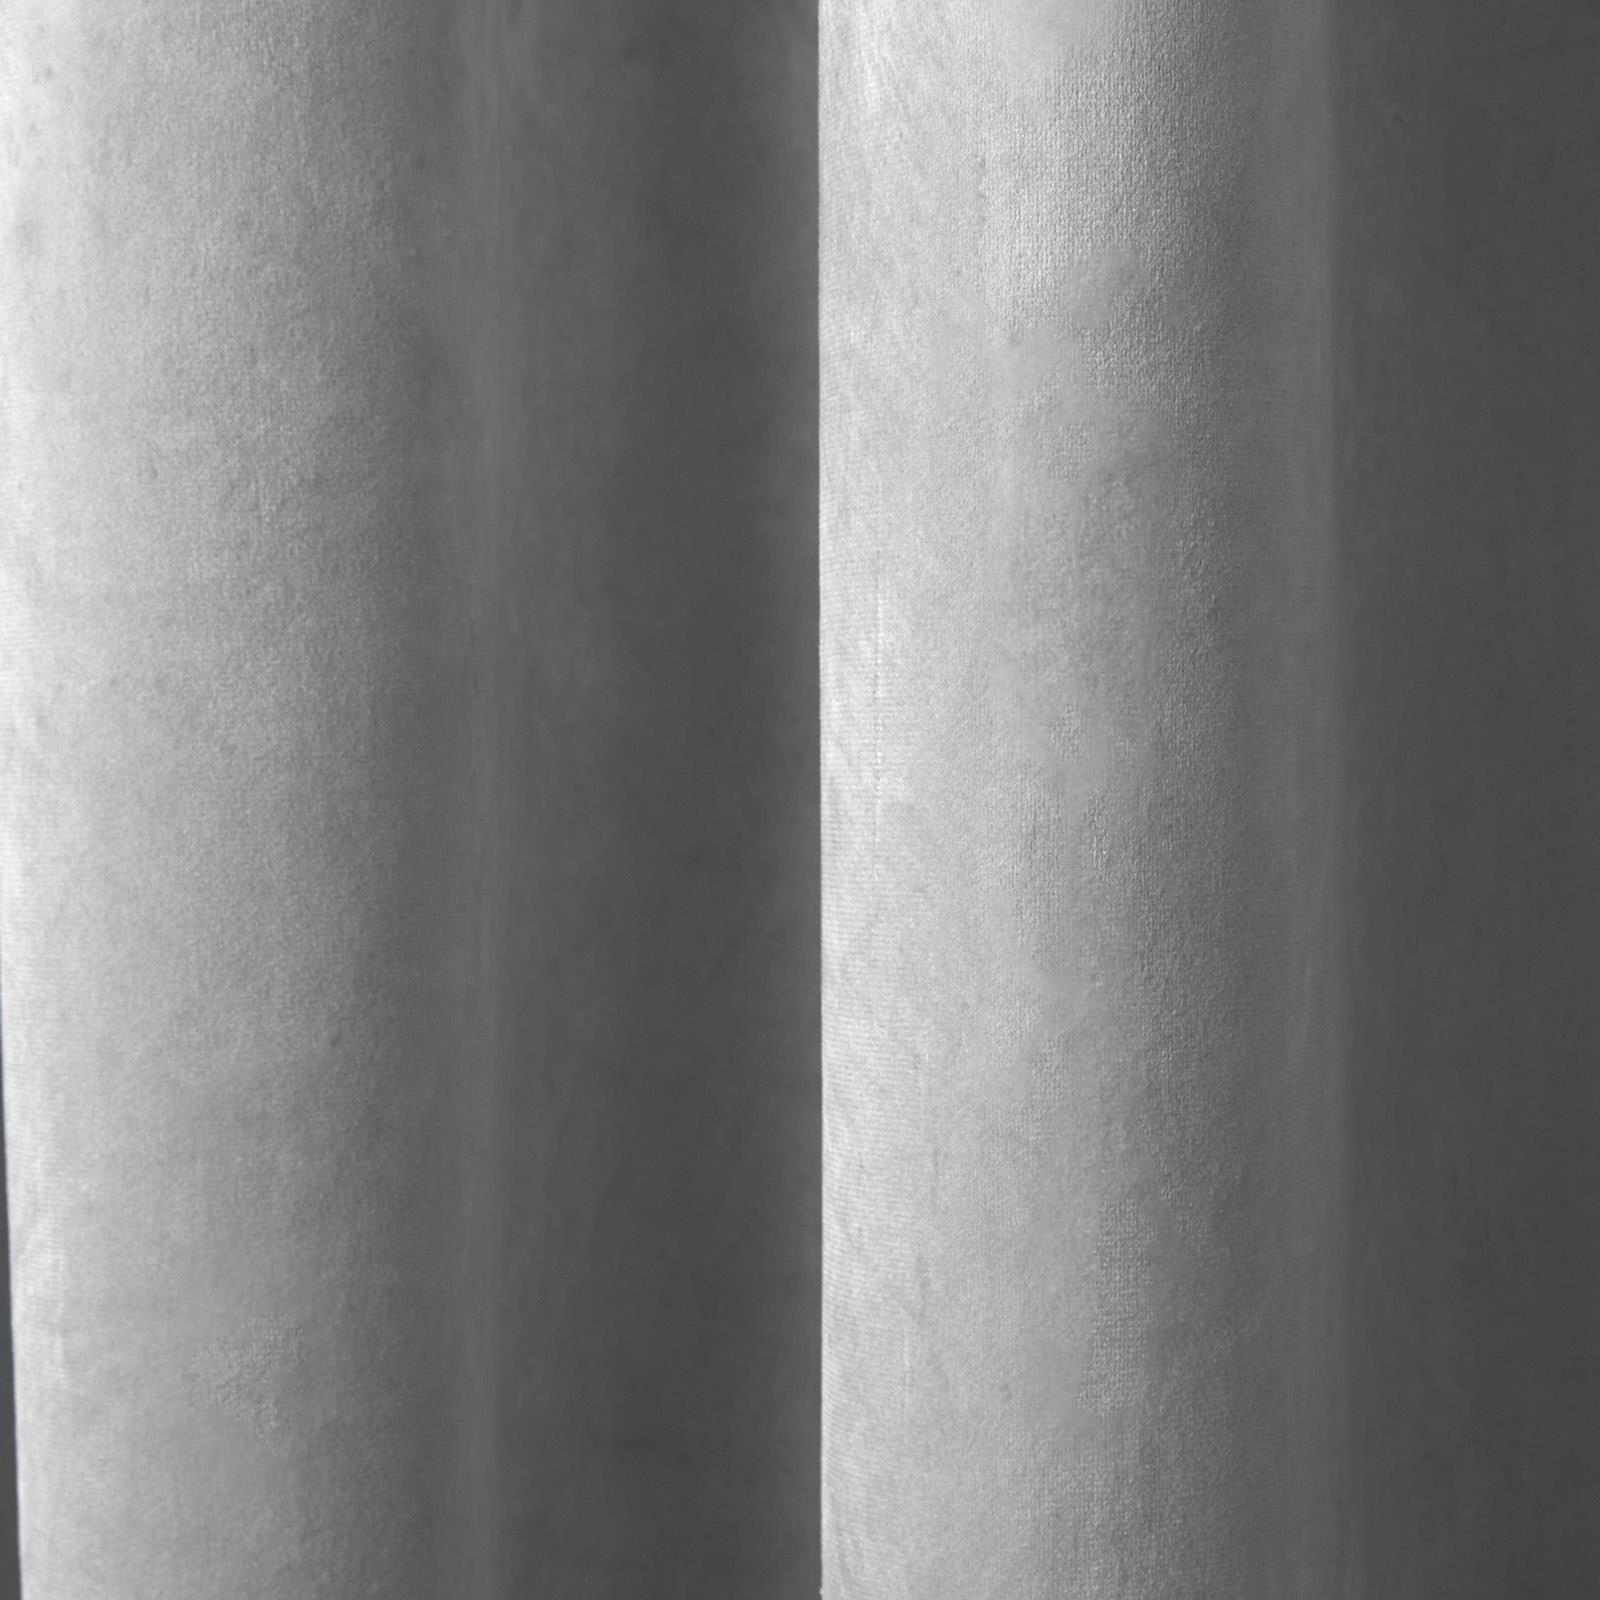 Gris Oeillet Rideaux black-out velours ready-made de luxe Rideaux à anneaux paires